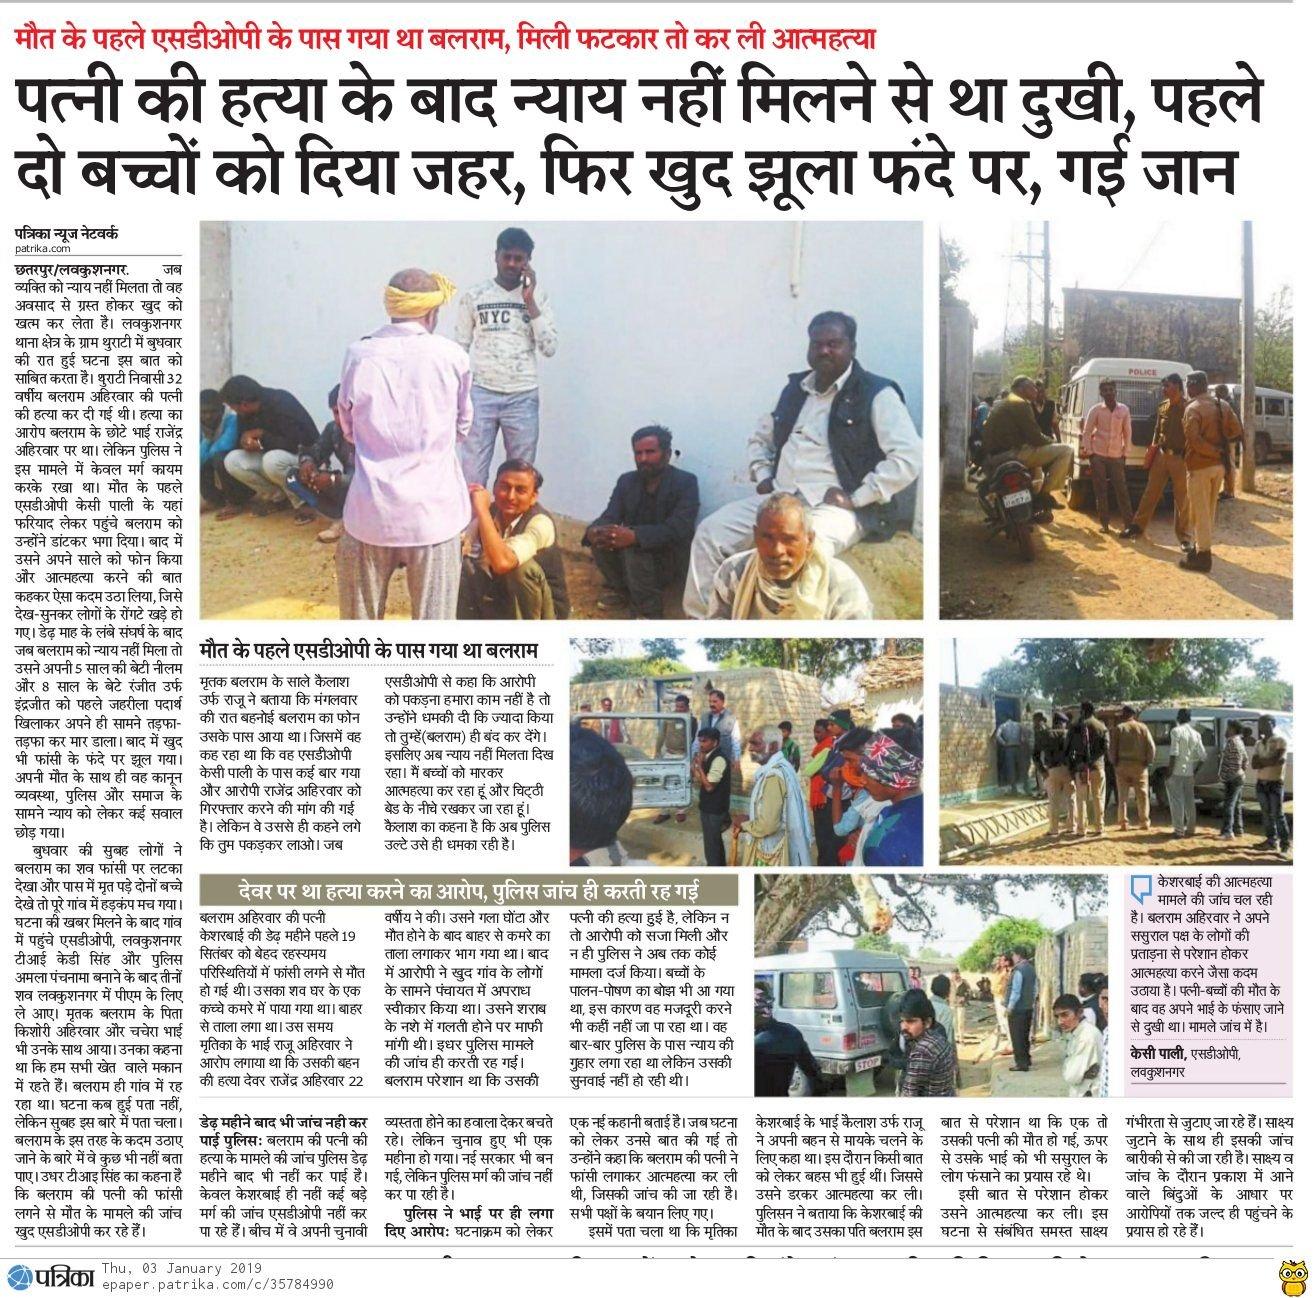 अजा-जजा आयोग ने थुराठी कांड पर लिया संज्ञान, एसपी पहुंचे गांव एक घंटे की पड़ताल